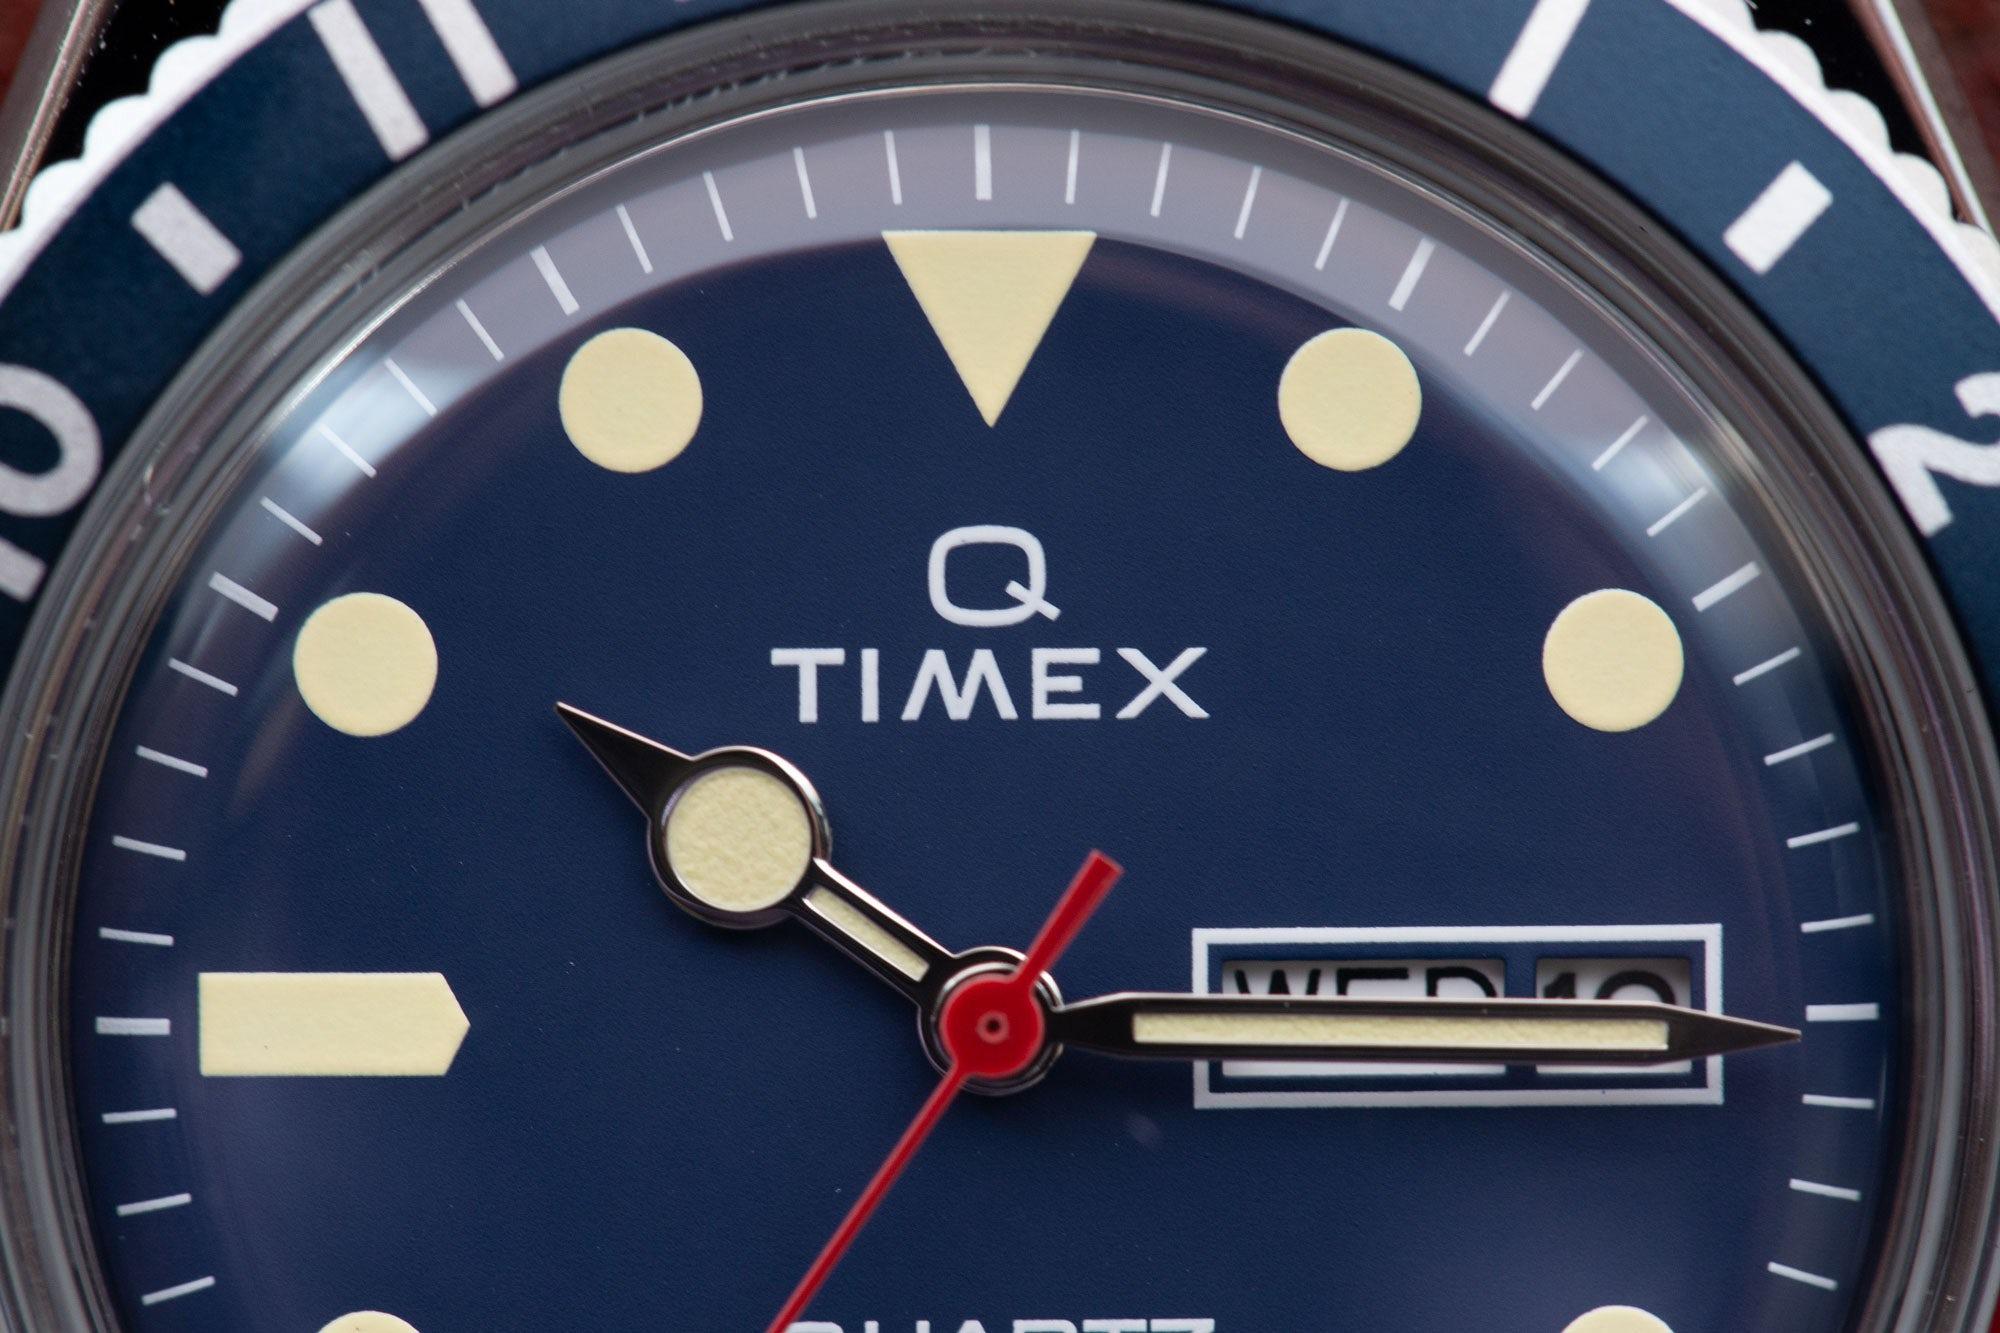 Timex Q Timex